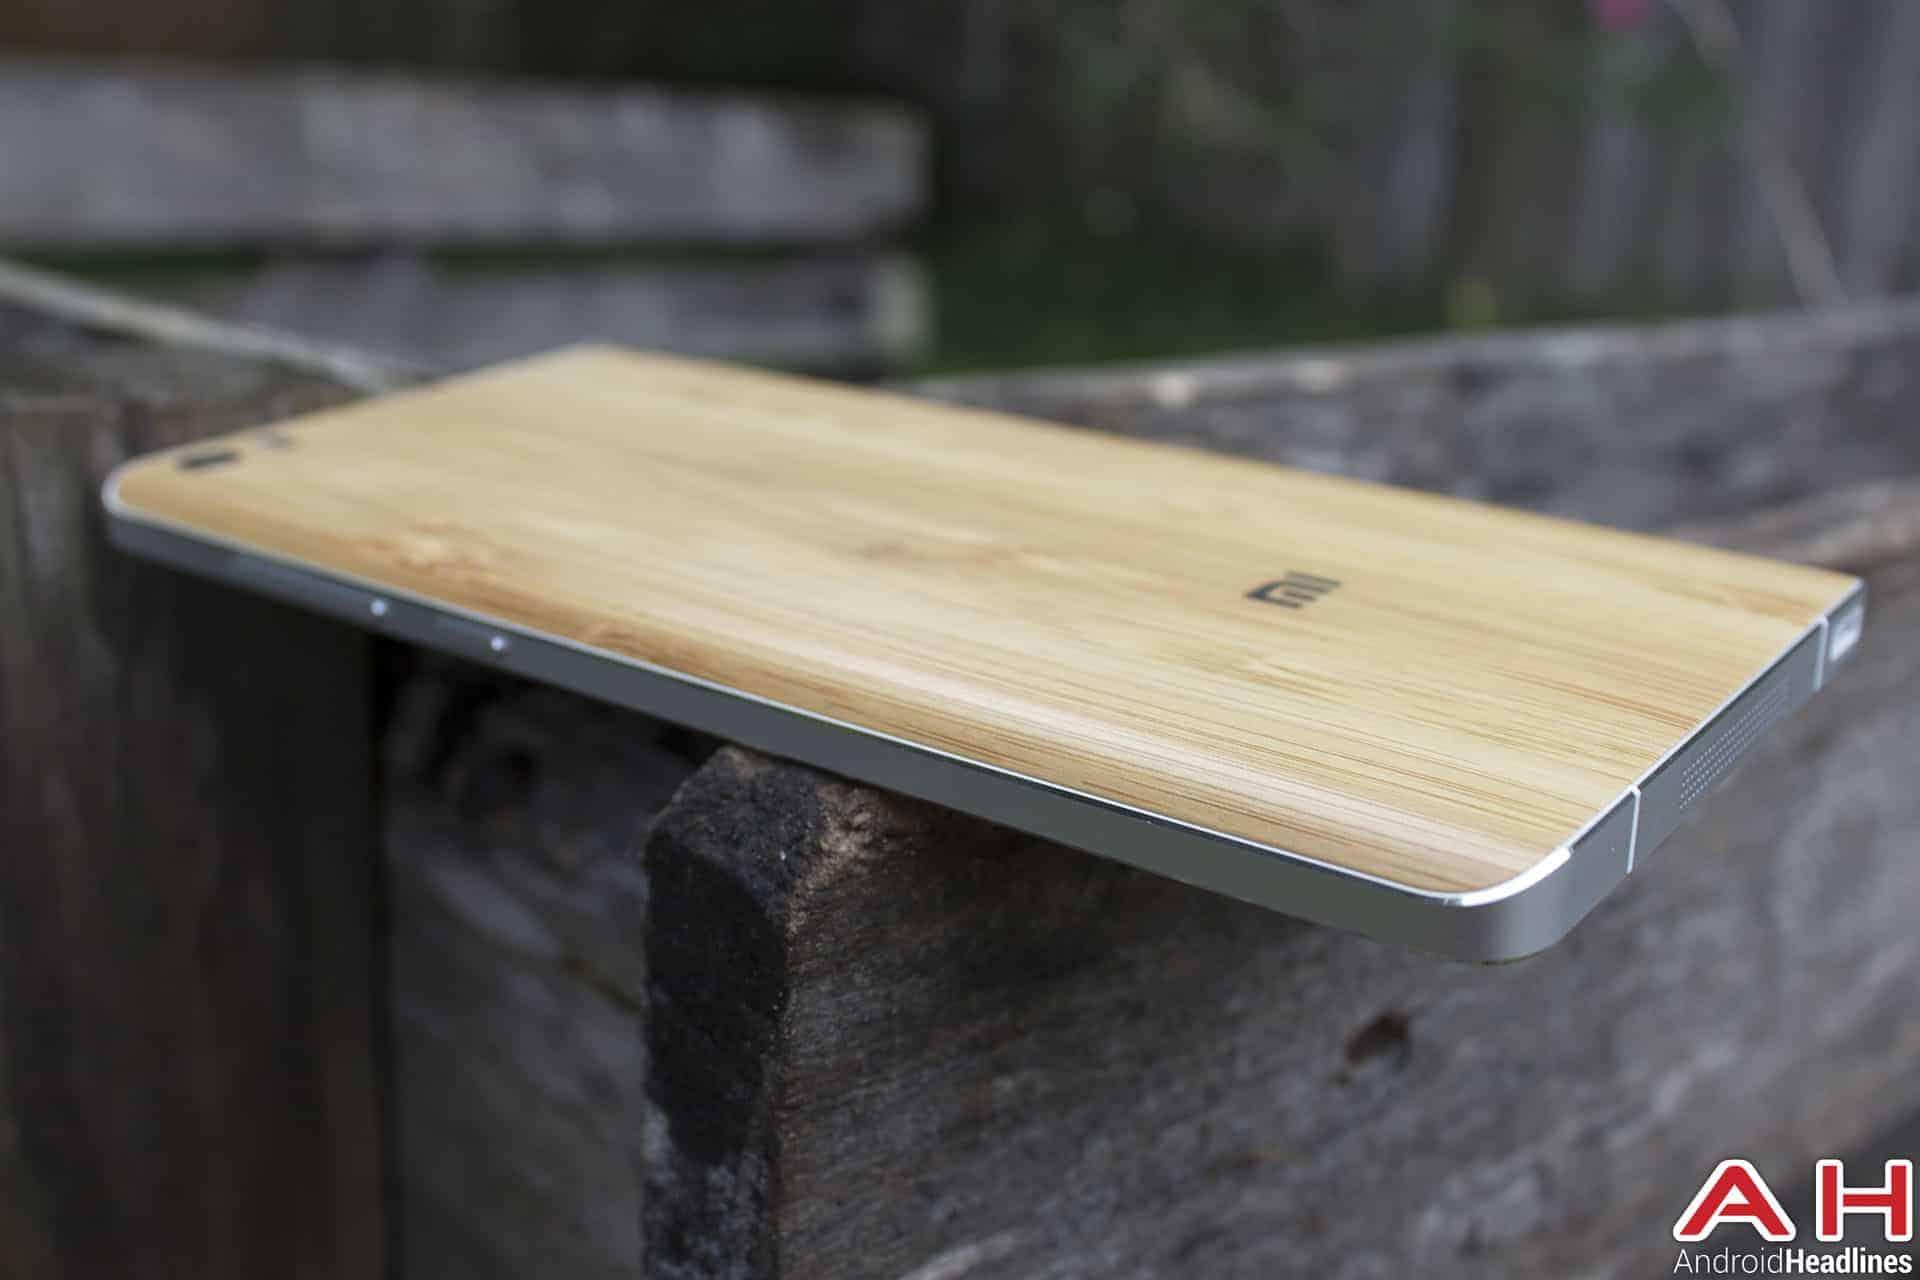 Xiaomi-Mi-Note-Bamboo-05